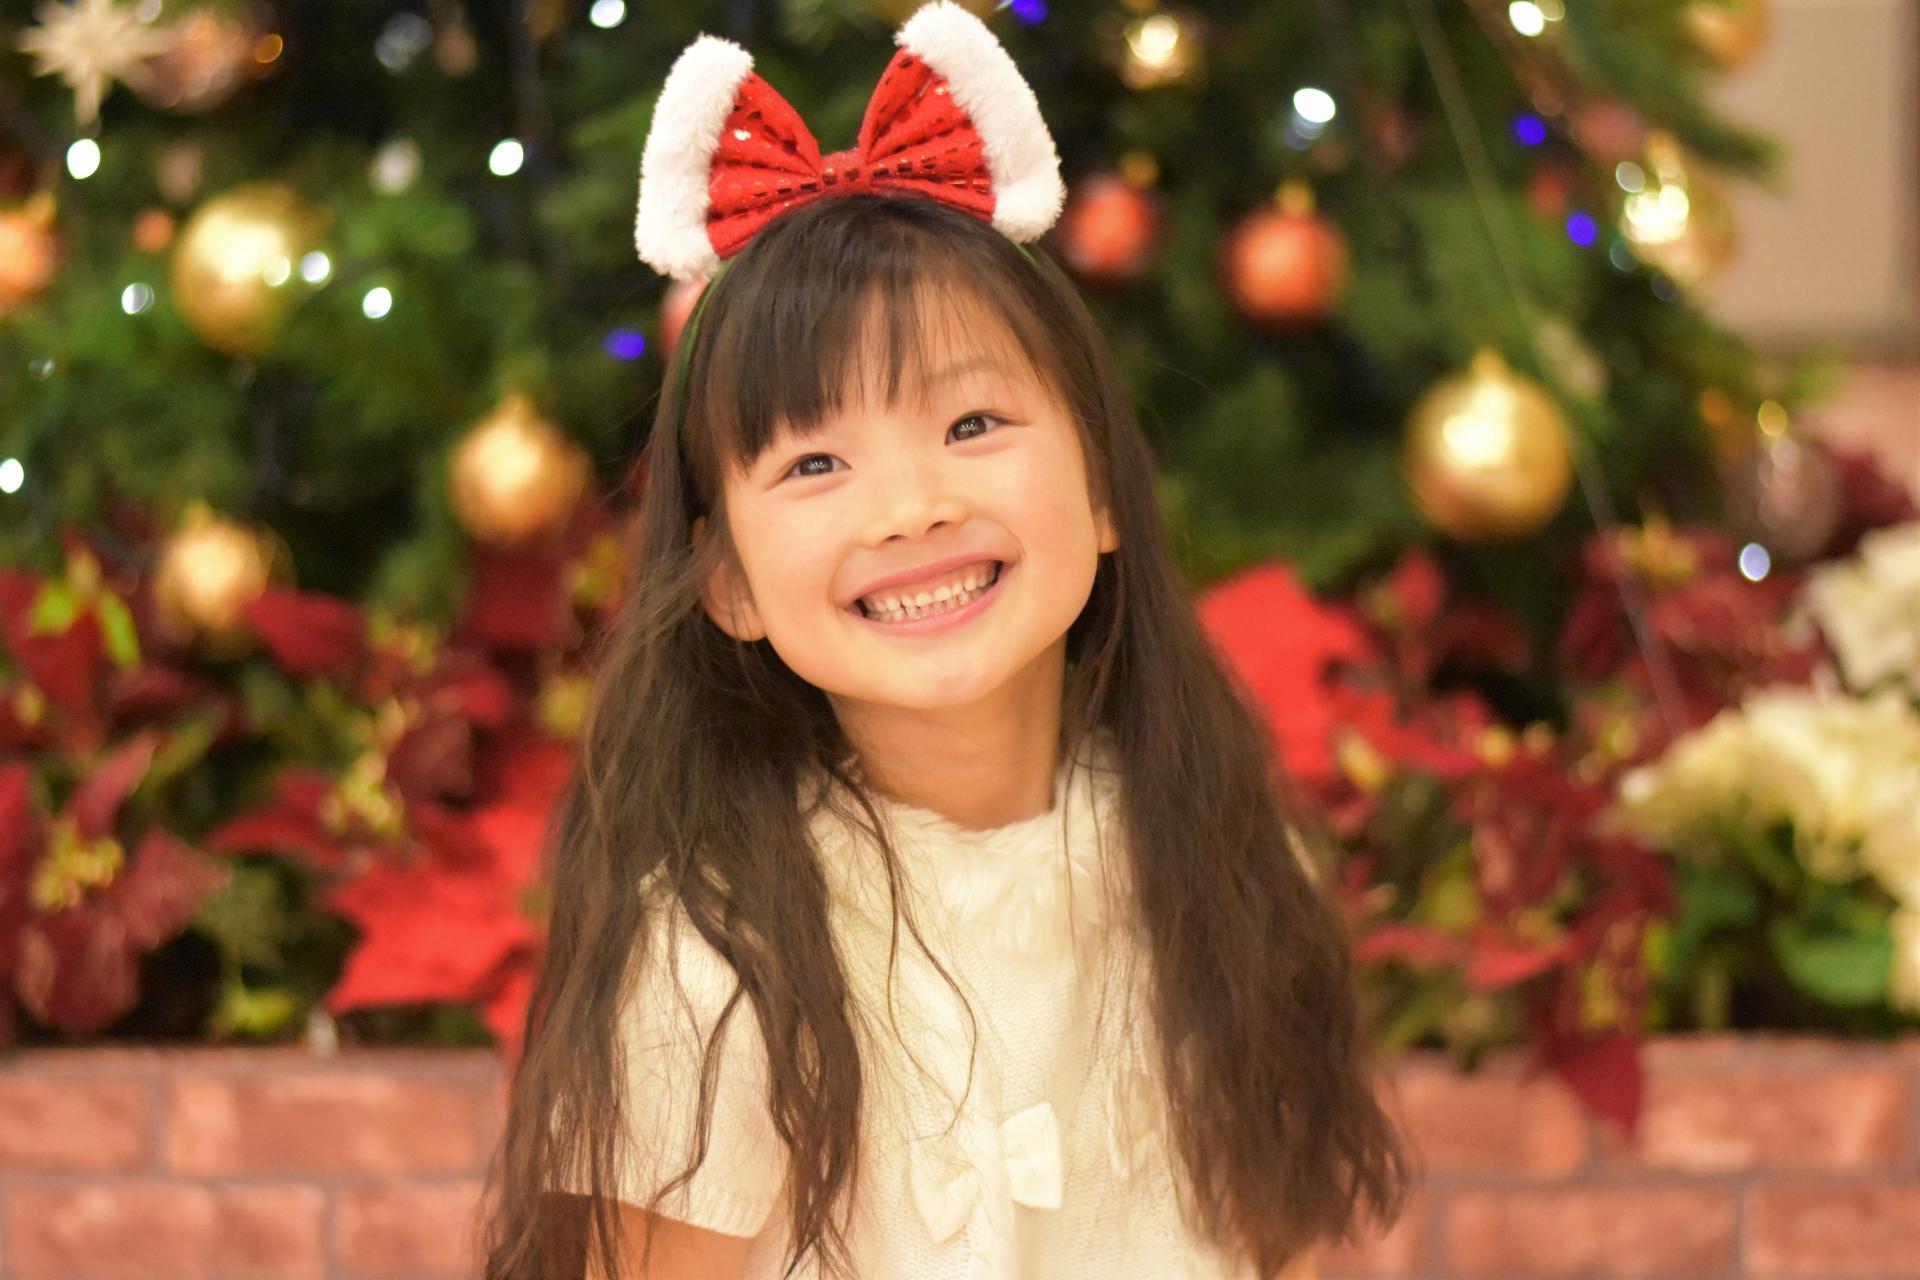 サンタクロースへのプレゼントのお願い方法やクリスマスの意味